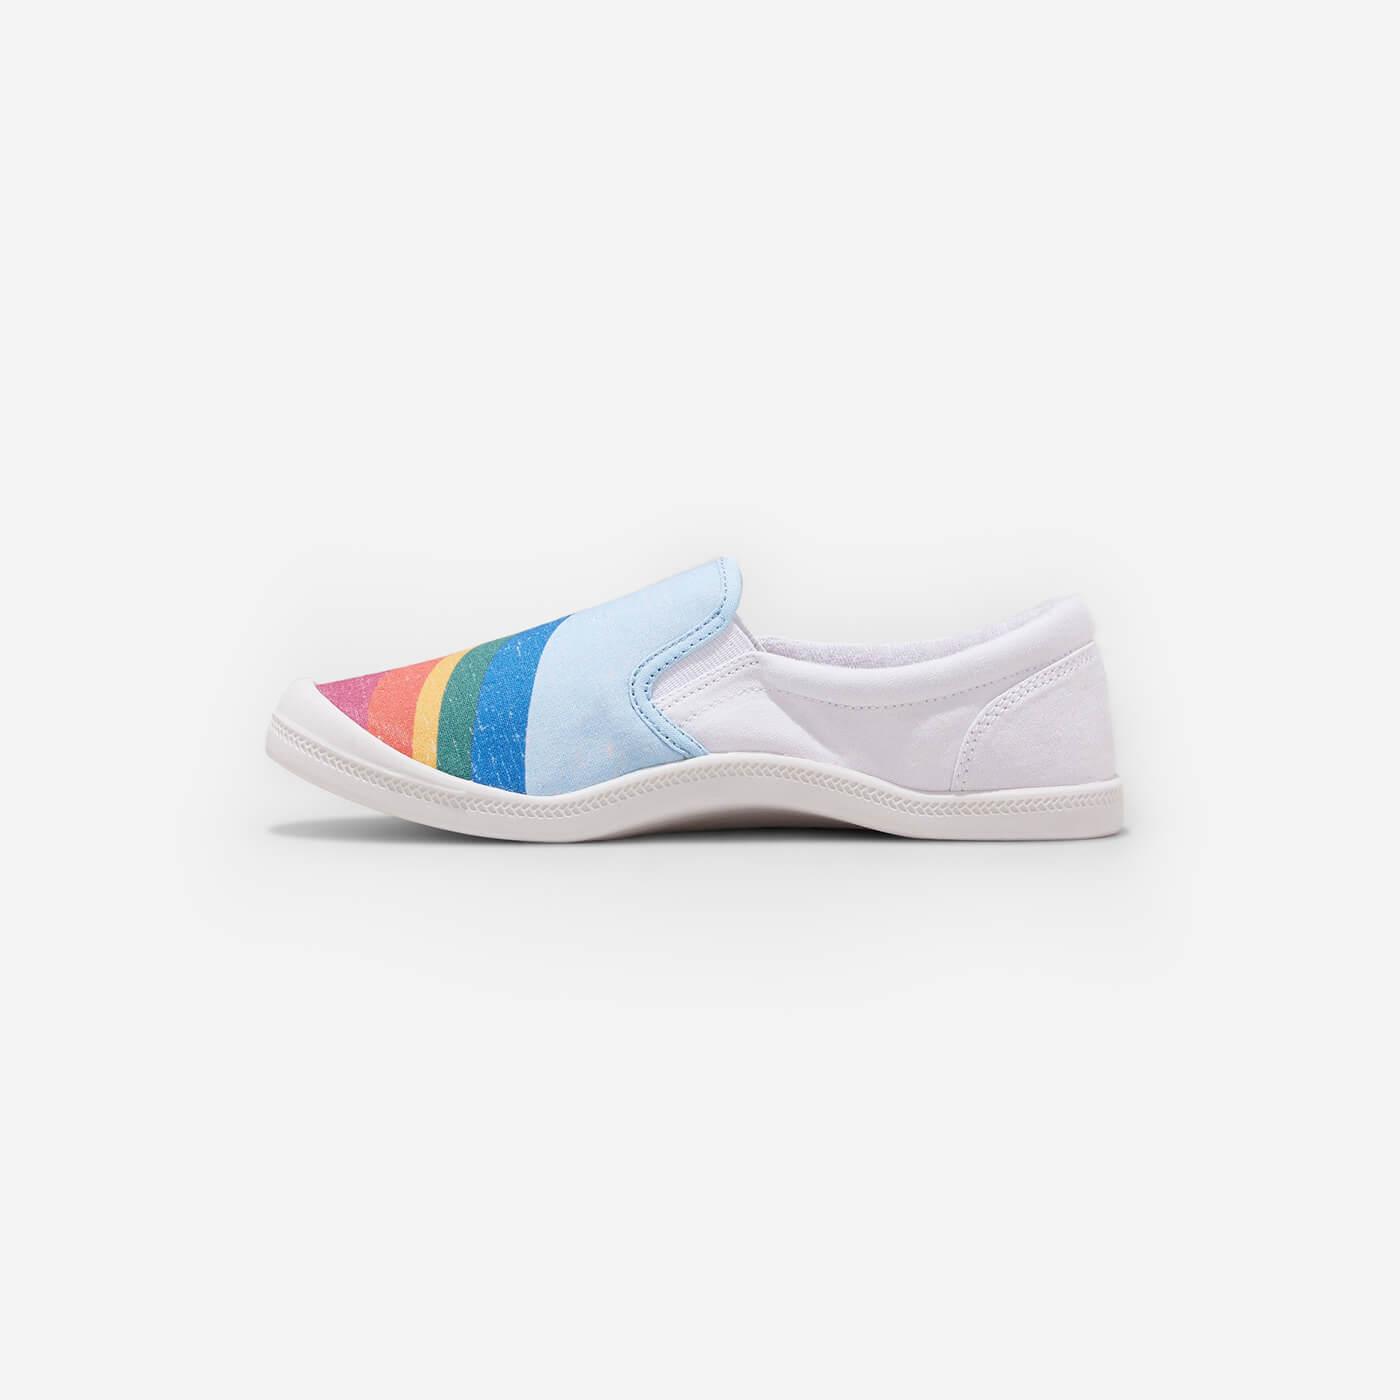 WomenShoes 150x150